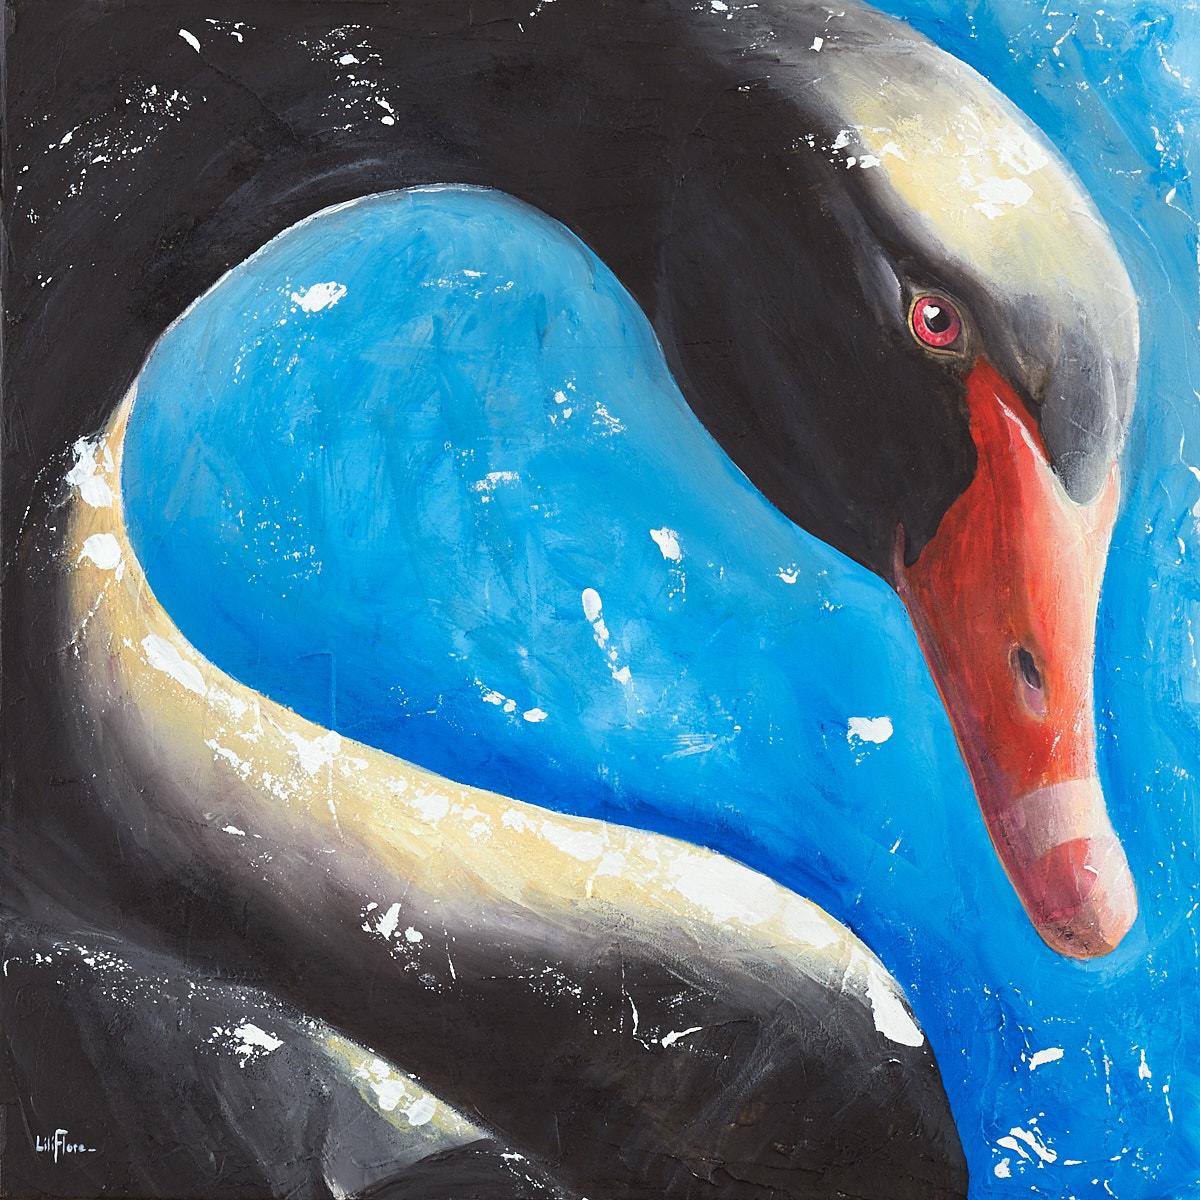 Peinture d'un cygne noir au soleil, acrylique sur toile, par LiliFlore, Montréal. À vendre.